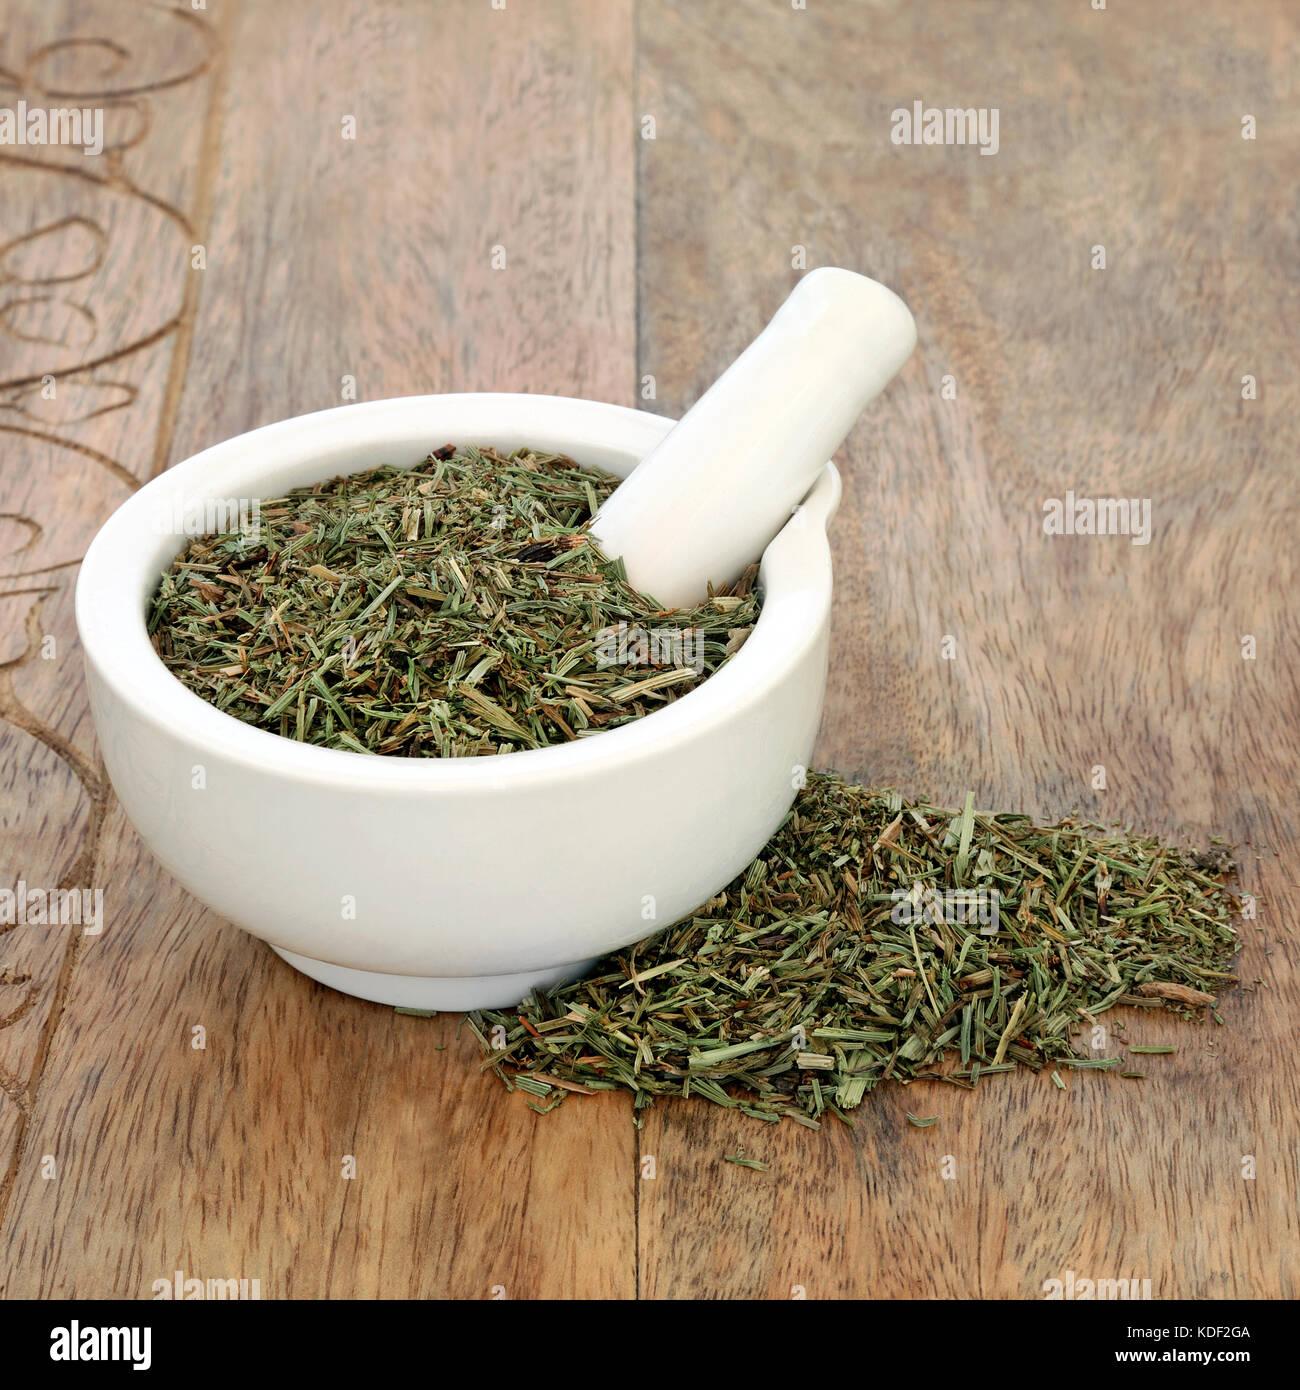 Hoja Equiseto o cola de caballo hierba usada en la medicina herbaria alternativos y anti inflamatorias, anti bacteriana, diuréticas, antisépticas y astringentes. Foto de stock